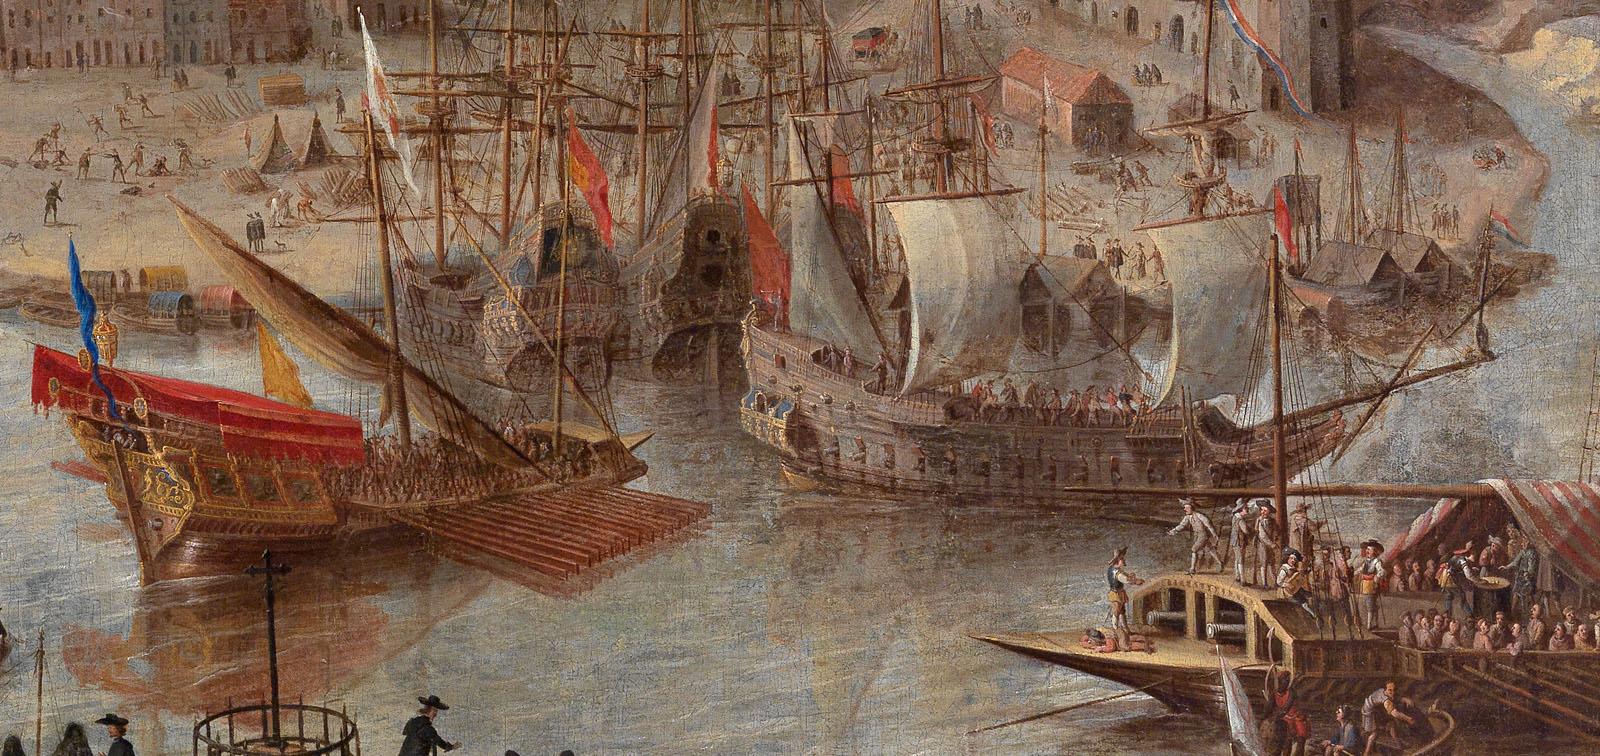 Exposición. Colores para pintores. Comercio de materiales pictóricos en Europa y América durante la Edad Moderna